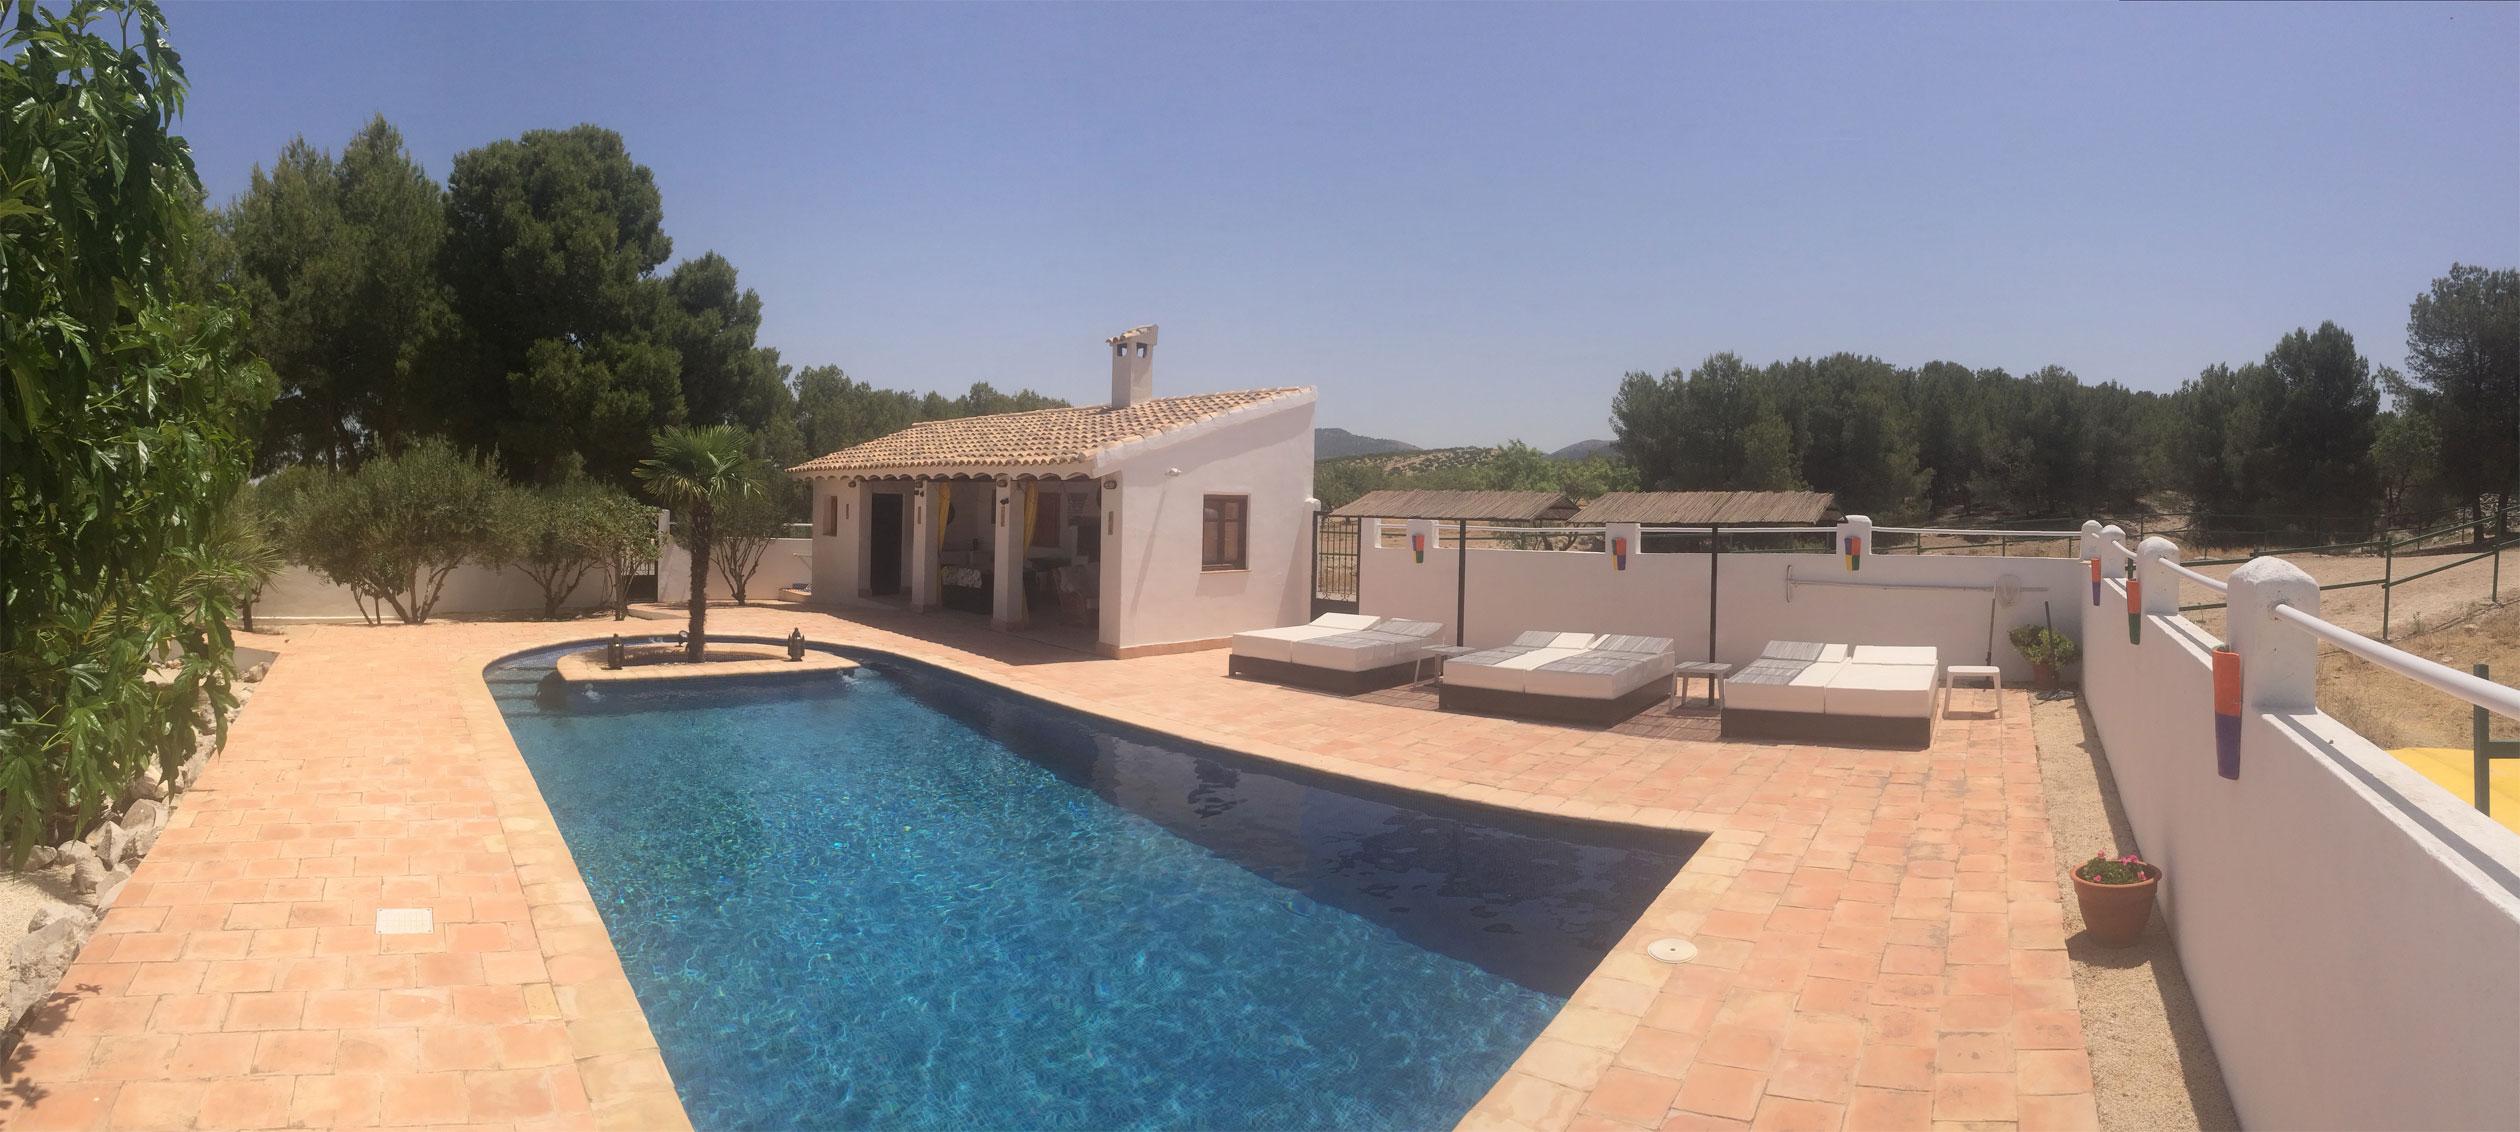 Casa pedro barrera hotel for Barrera piscina